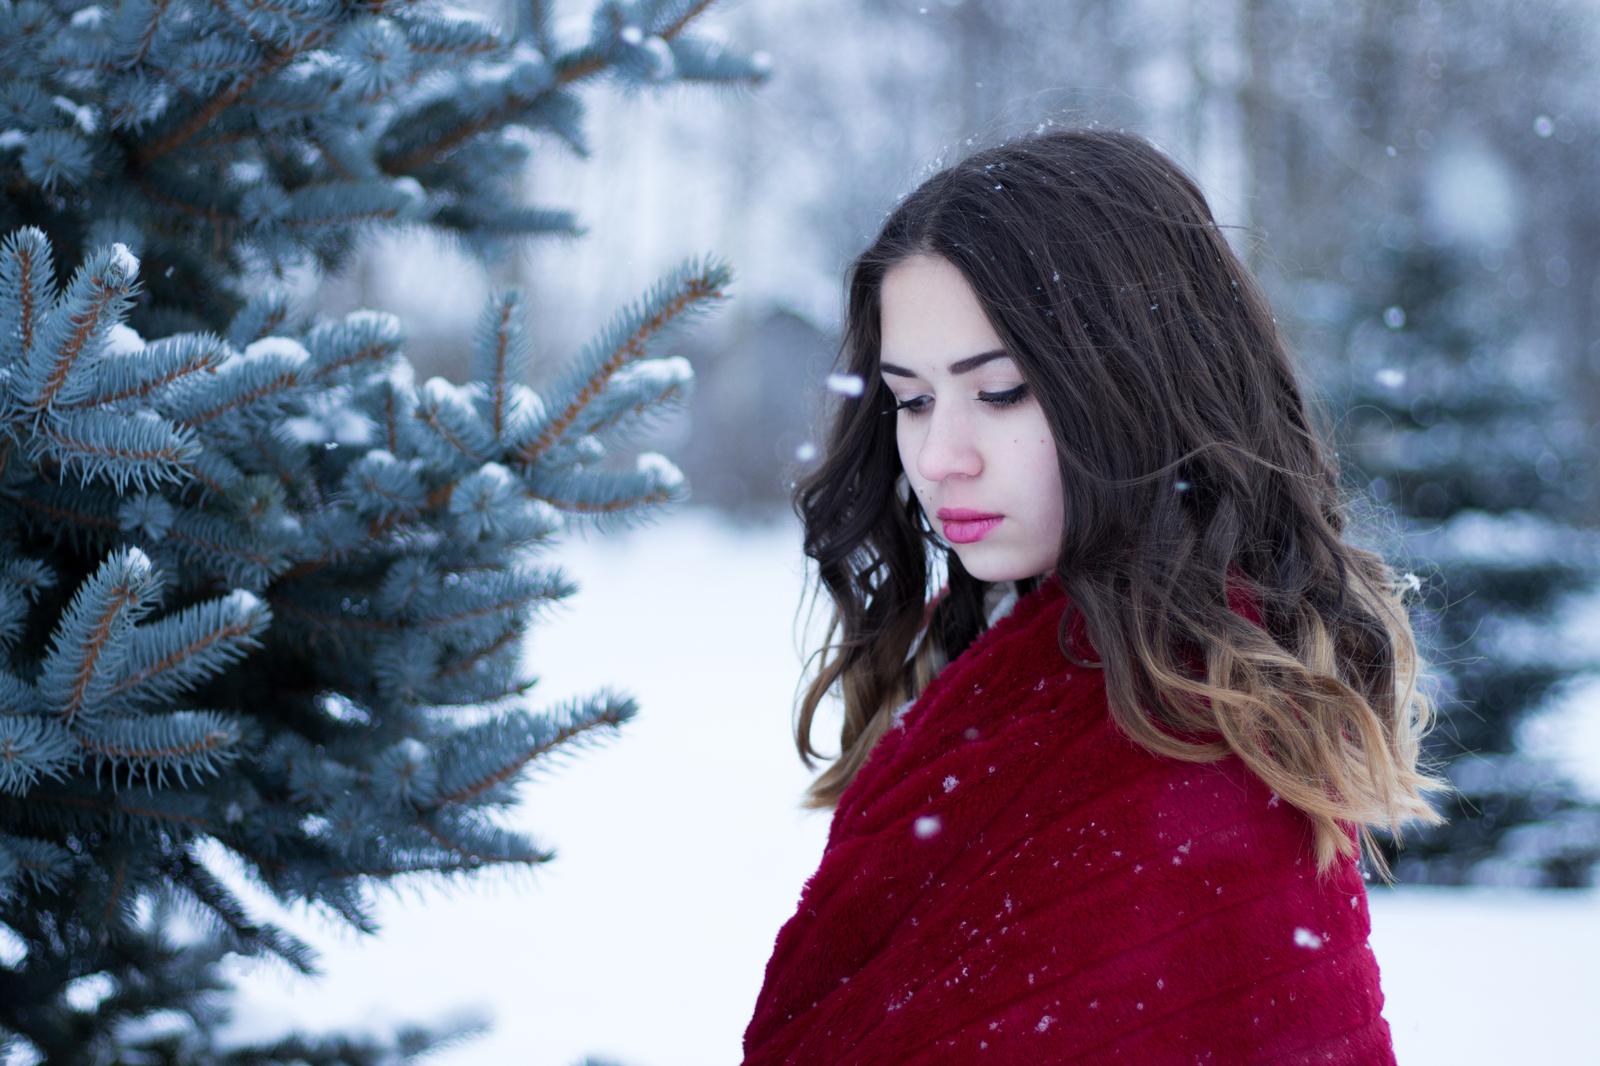 Как красиво фото зимой девушек, фото хуй в пизде и вытекает сперма